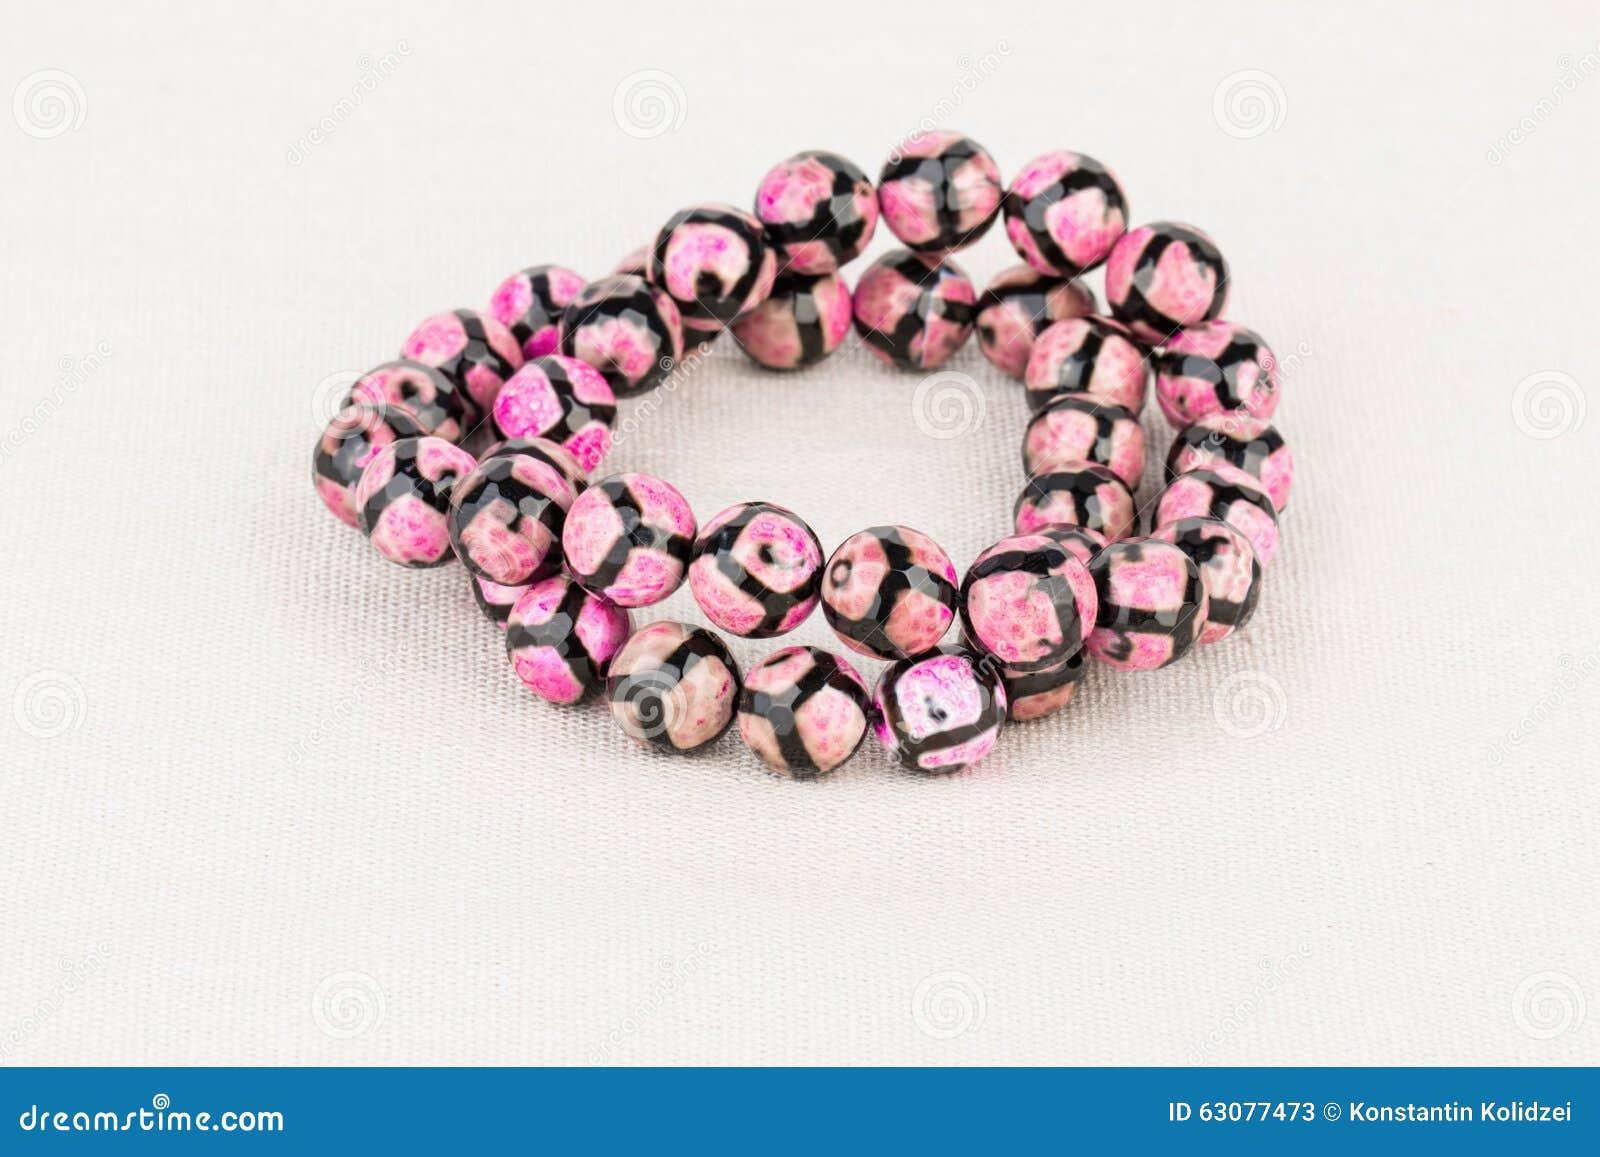 Download Perle des bijoux image stock. Image du beads, coloré - 63077473